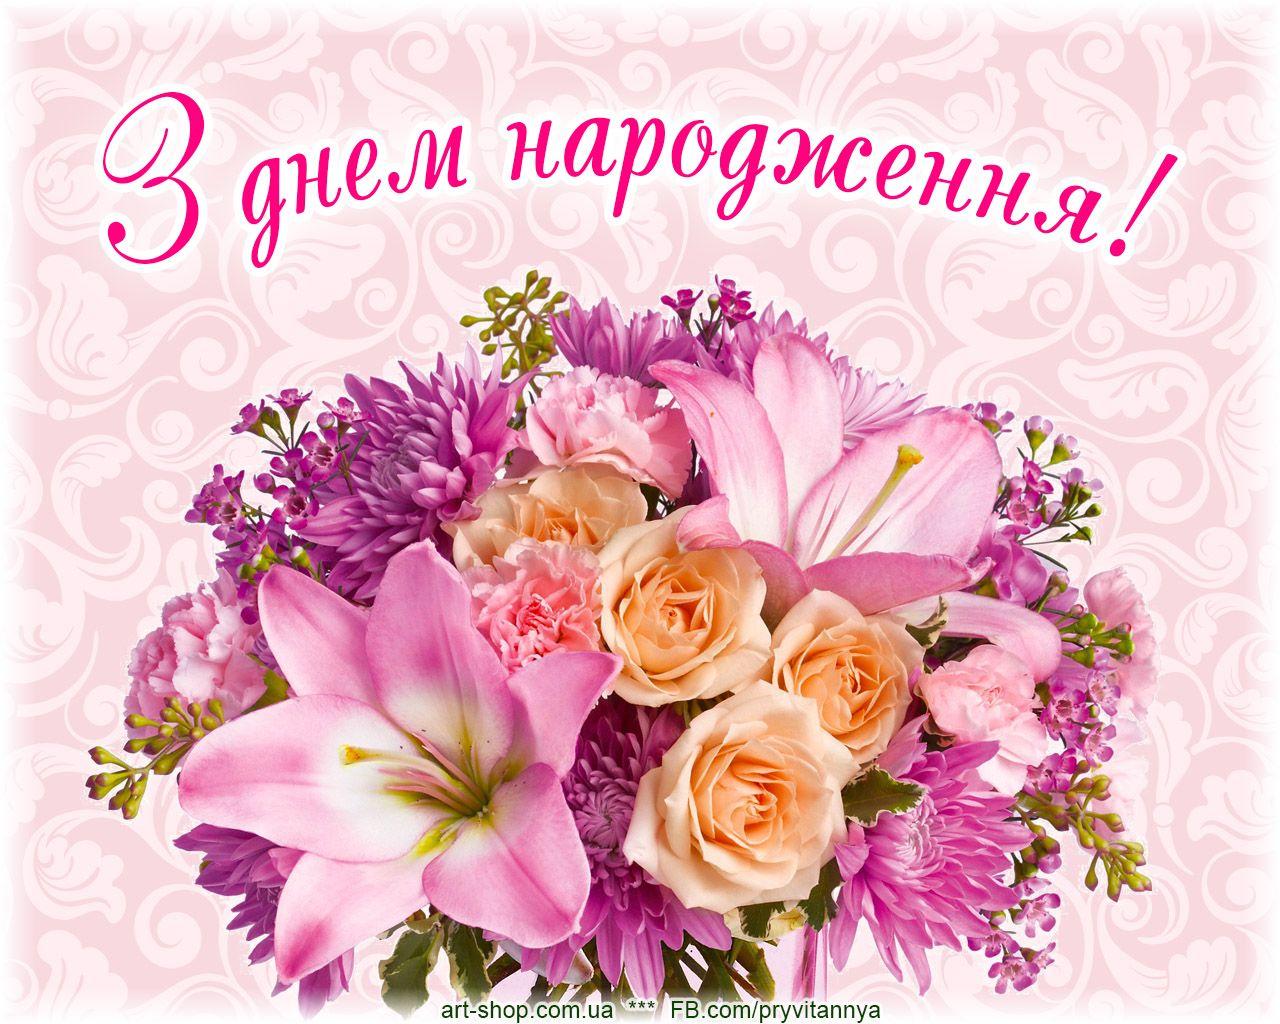 Марта смотреть, поздравление по украински с днем рождения в картинках